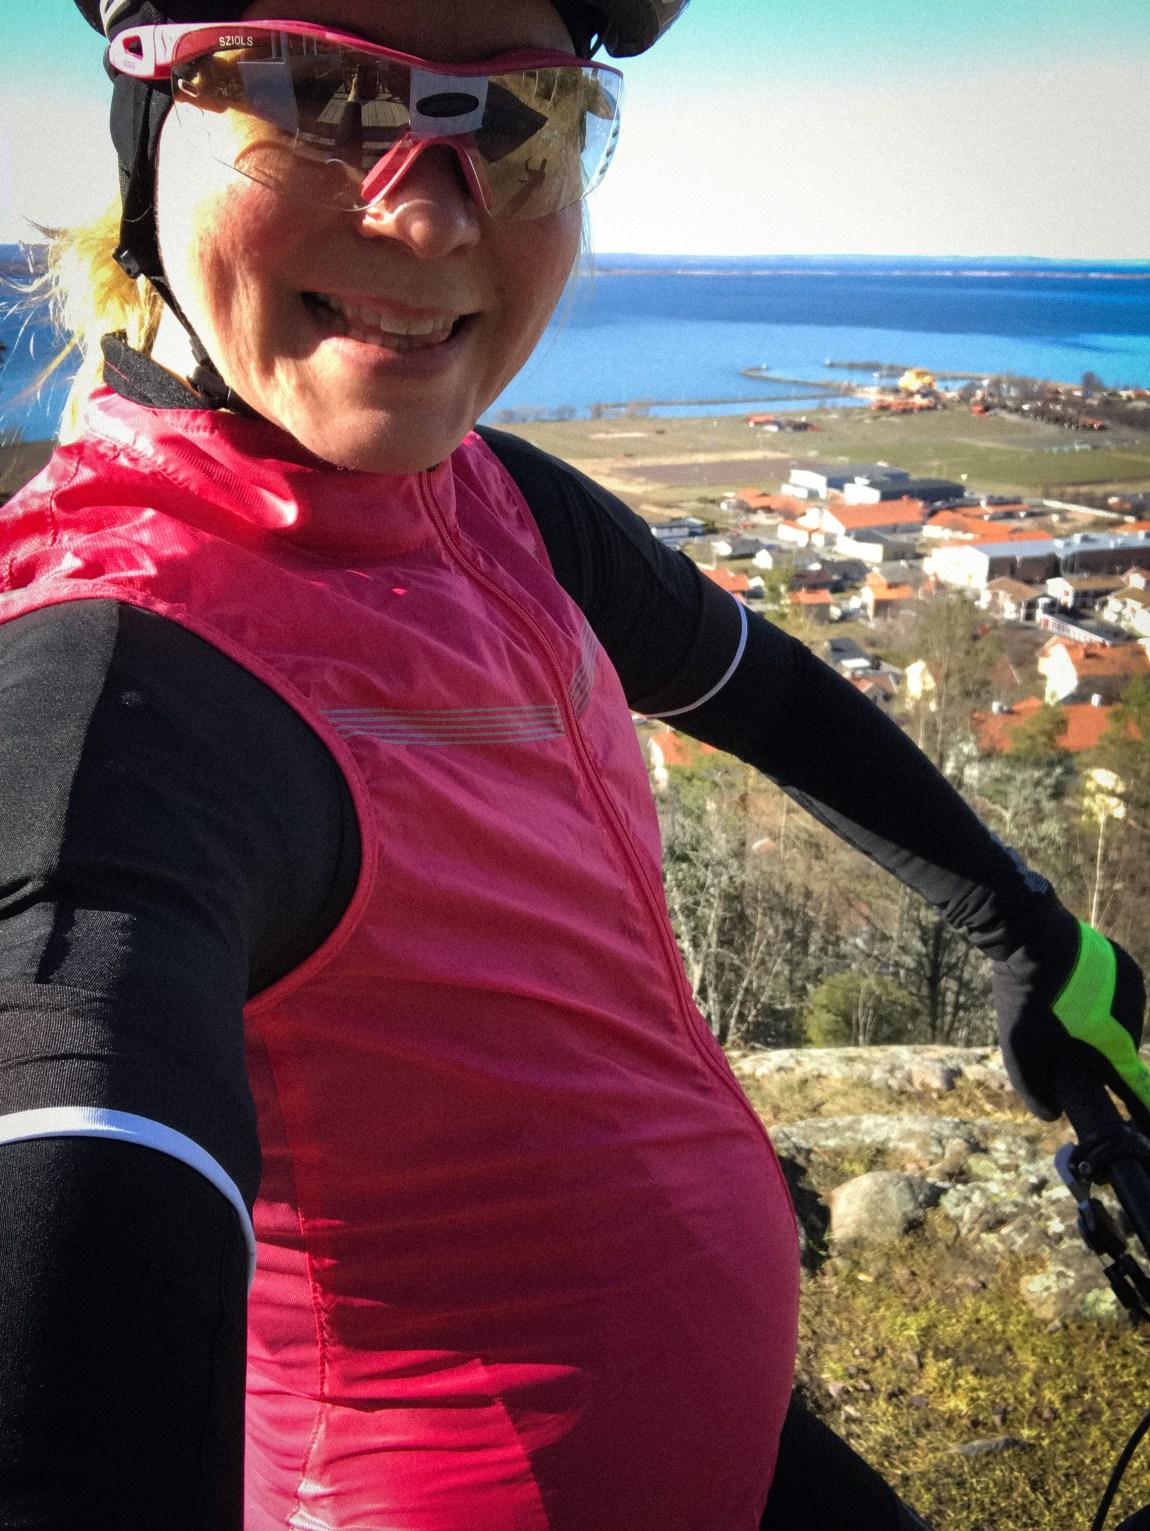 Cykla när man är gravid